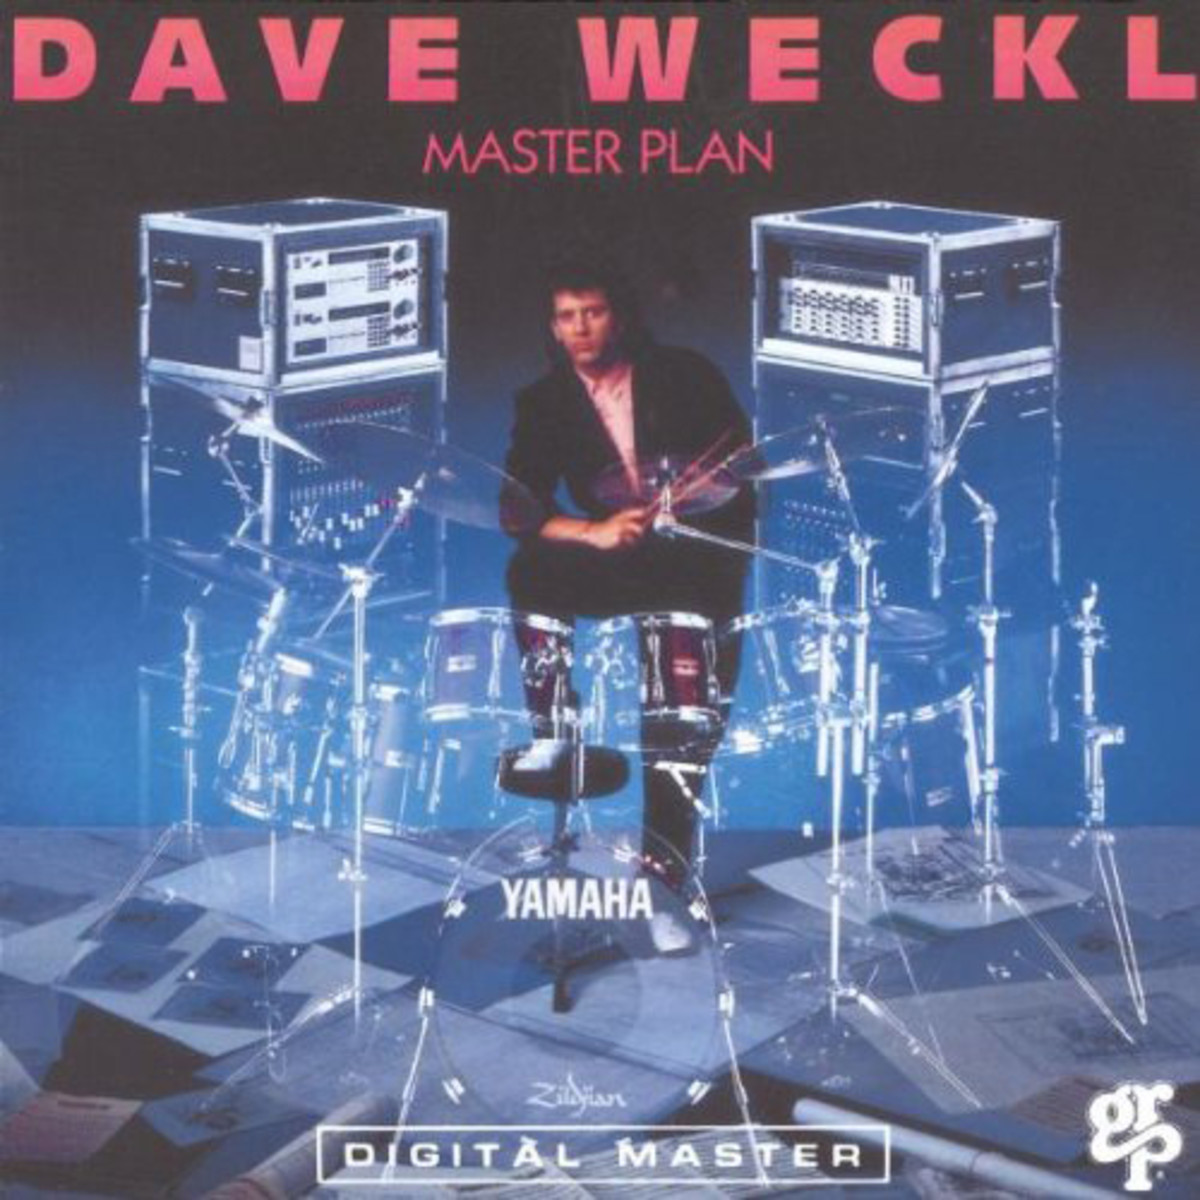 Dave Weckl, Master Plan